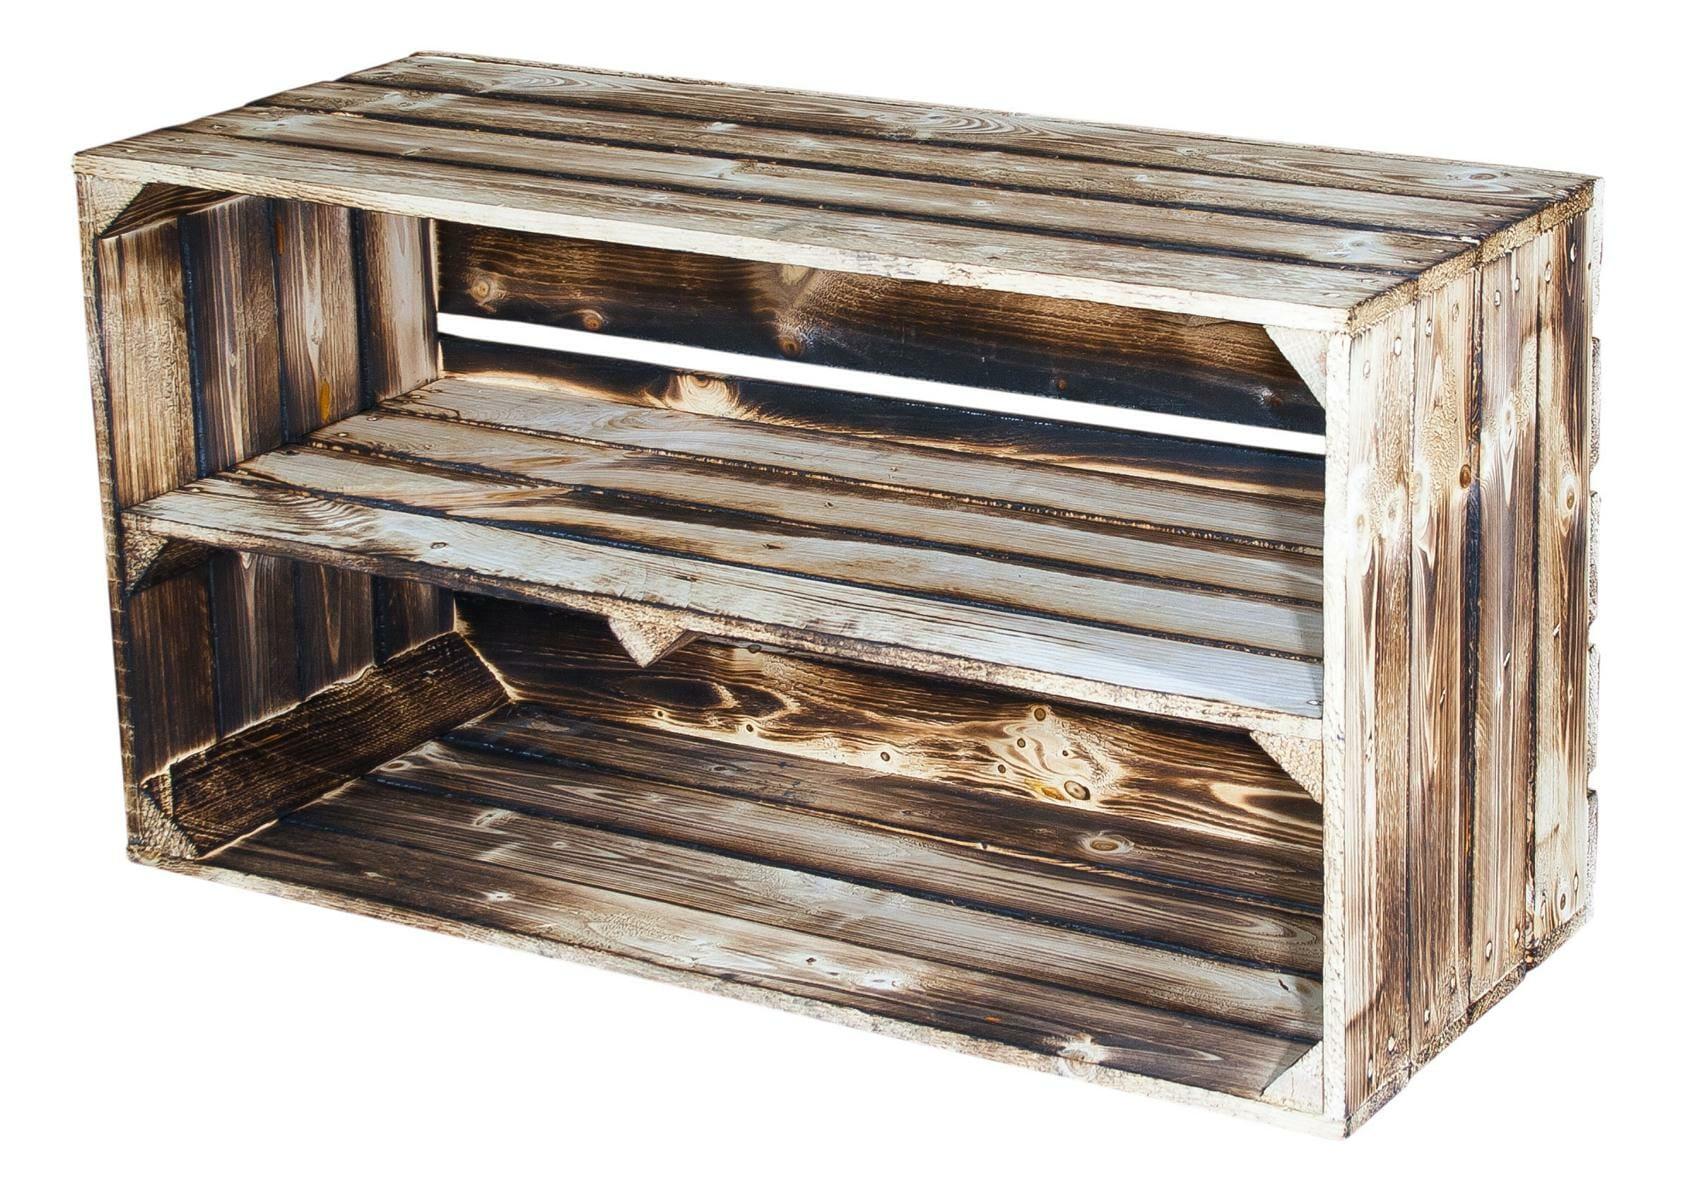 geflammte holzkiste mit mittelbrett 74x40x31cm obstkisten shop. Black Bedroom Furniture Sets. Home Design Ideas